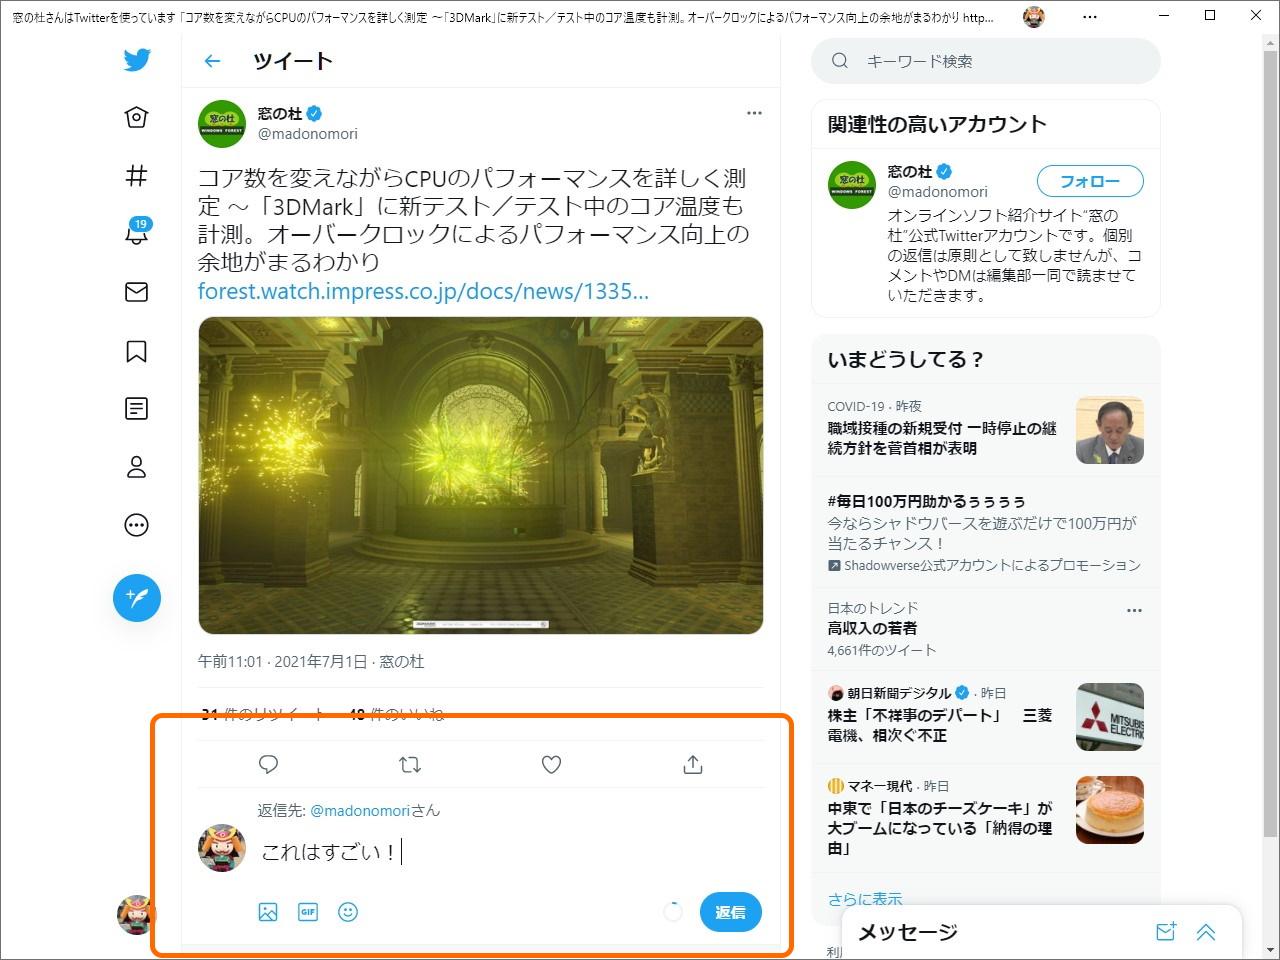 Windows 10向け「Twitter」アプリ。試験機能「インライン返信」がすべてのユーザーに解放